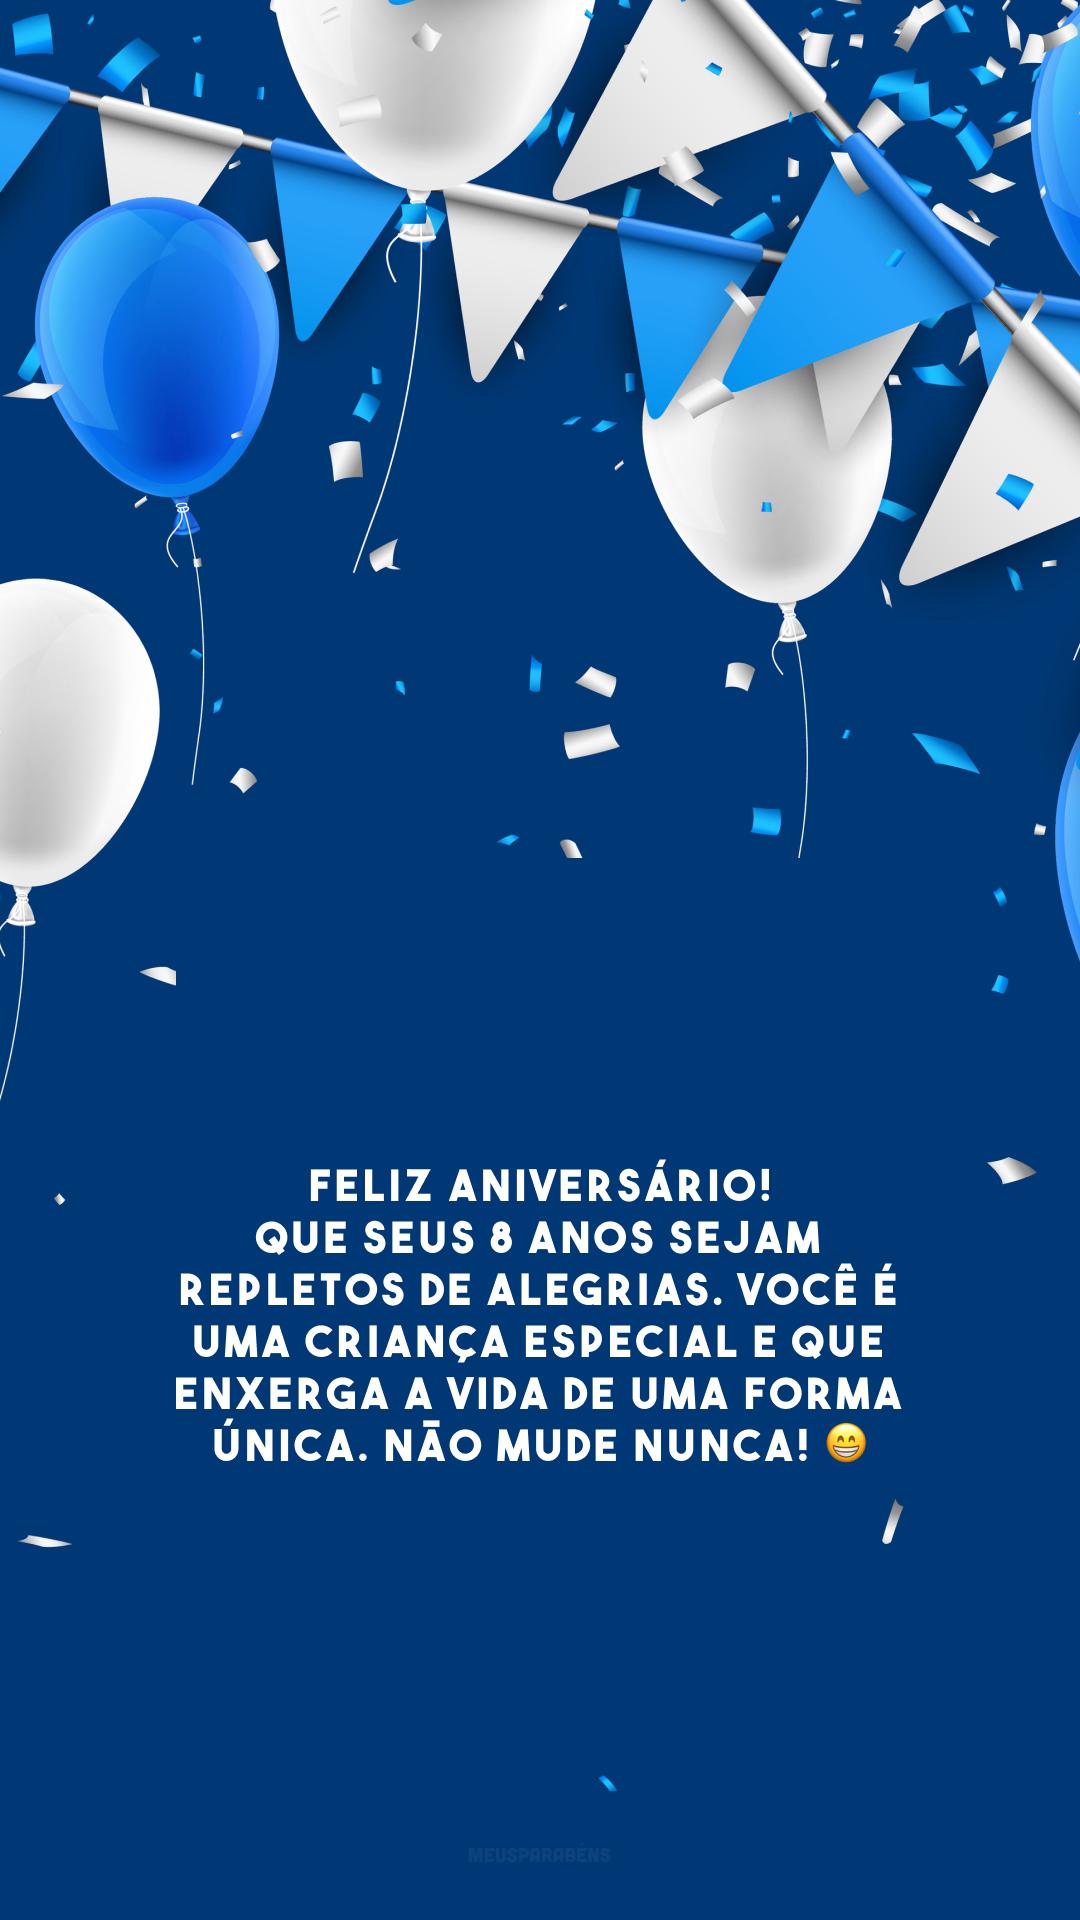 Feliz aniversário! Que seus 8 anos sejam repletos de alegrias. Você é uma criança especial e que enxerga a vida de uma forma única. Não mude nunca! 😁